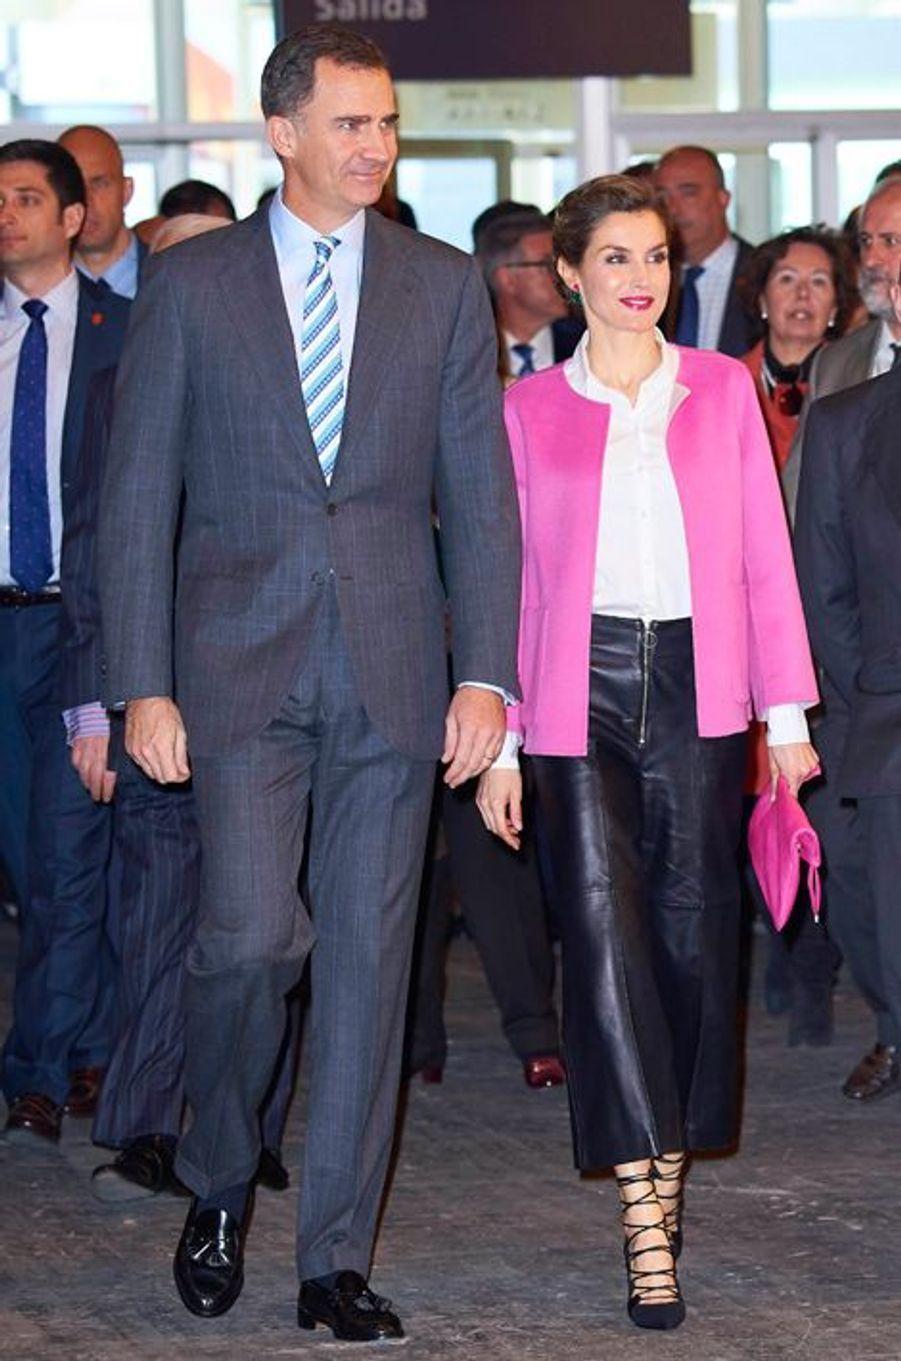 La reine Letizia et le roi Felipe VI d'Espagne à Madrid, le 25 février 2016